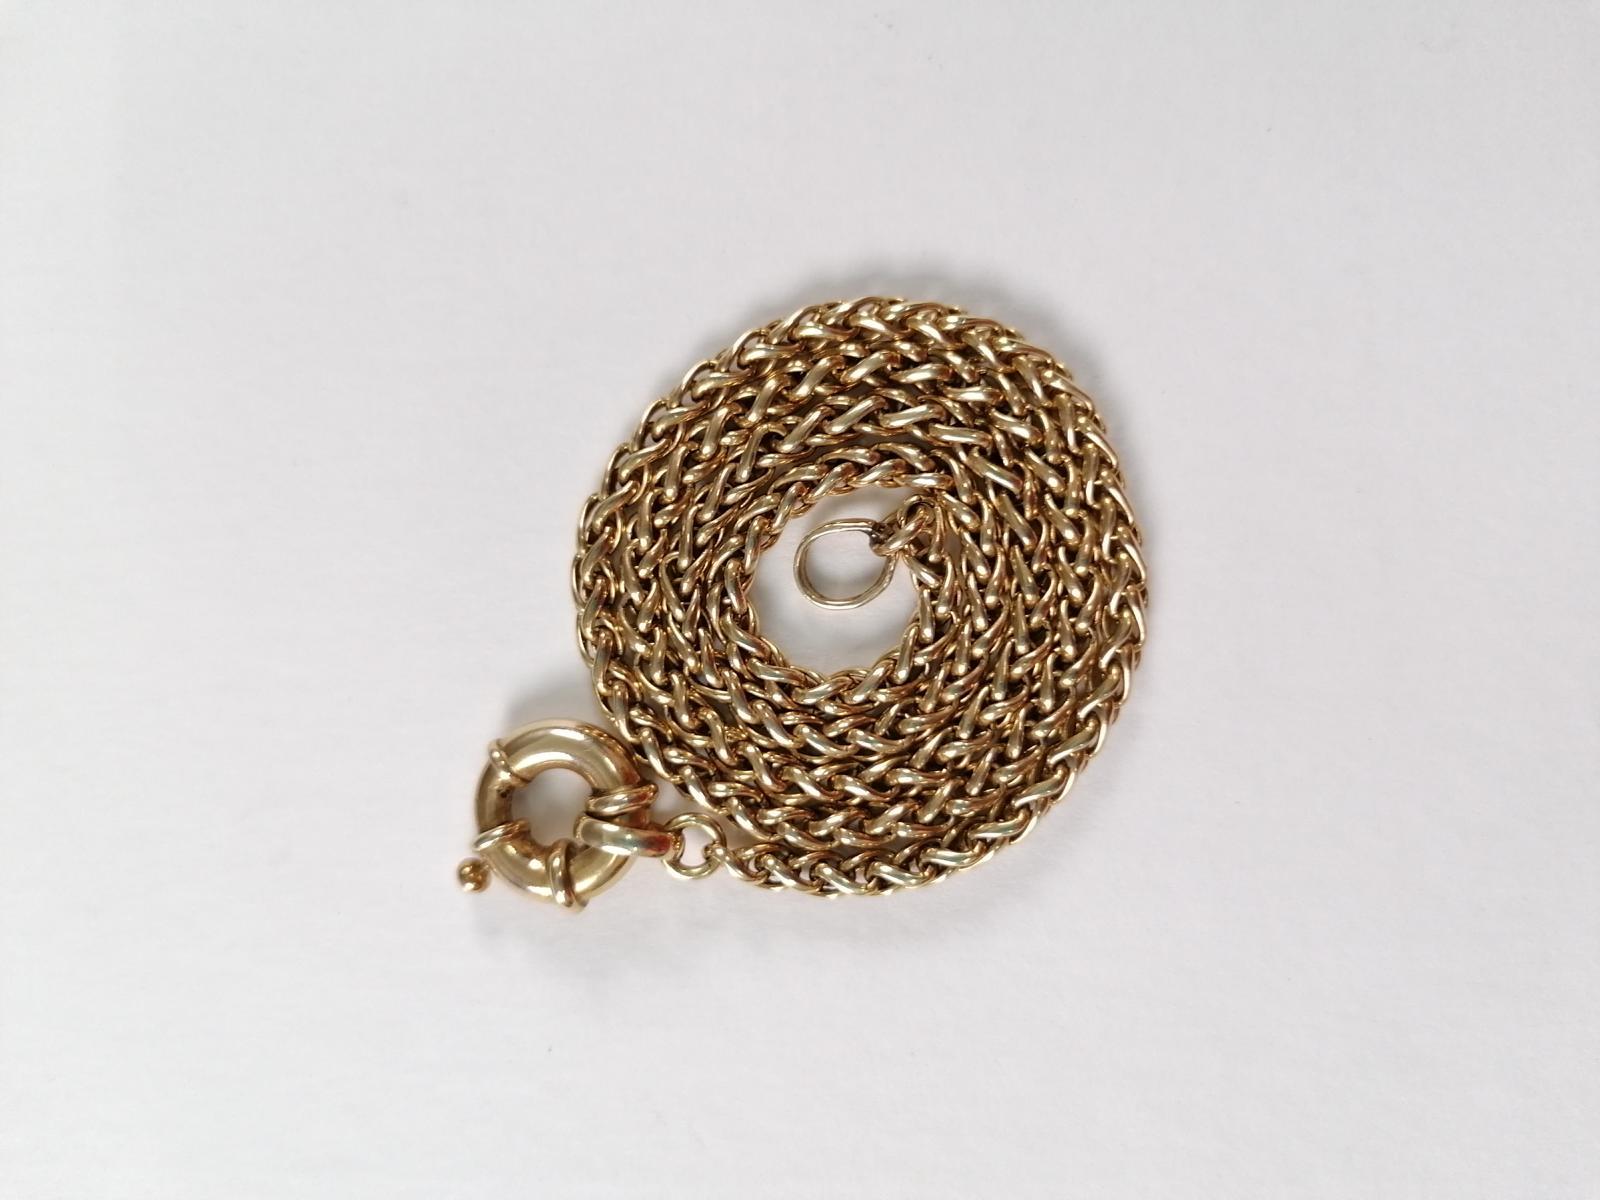 Halskette aus 14 Karat Gelbgold mit Ringverschluß-2